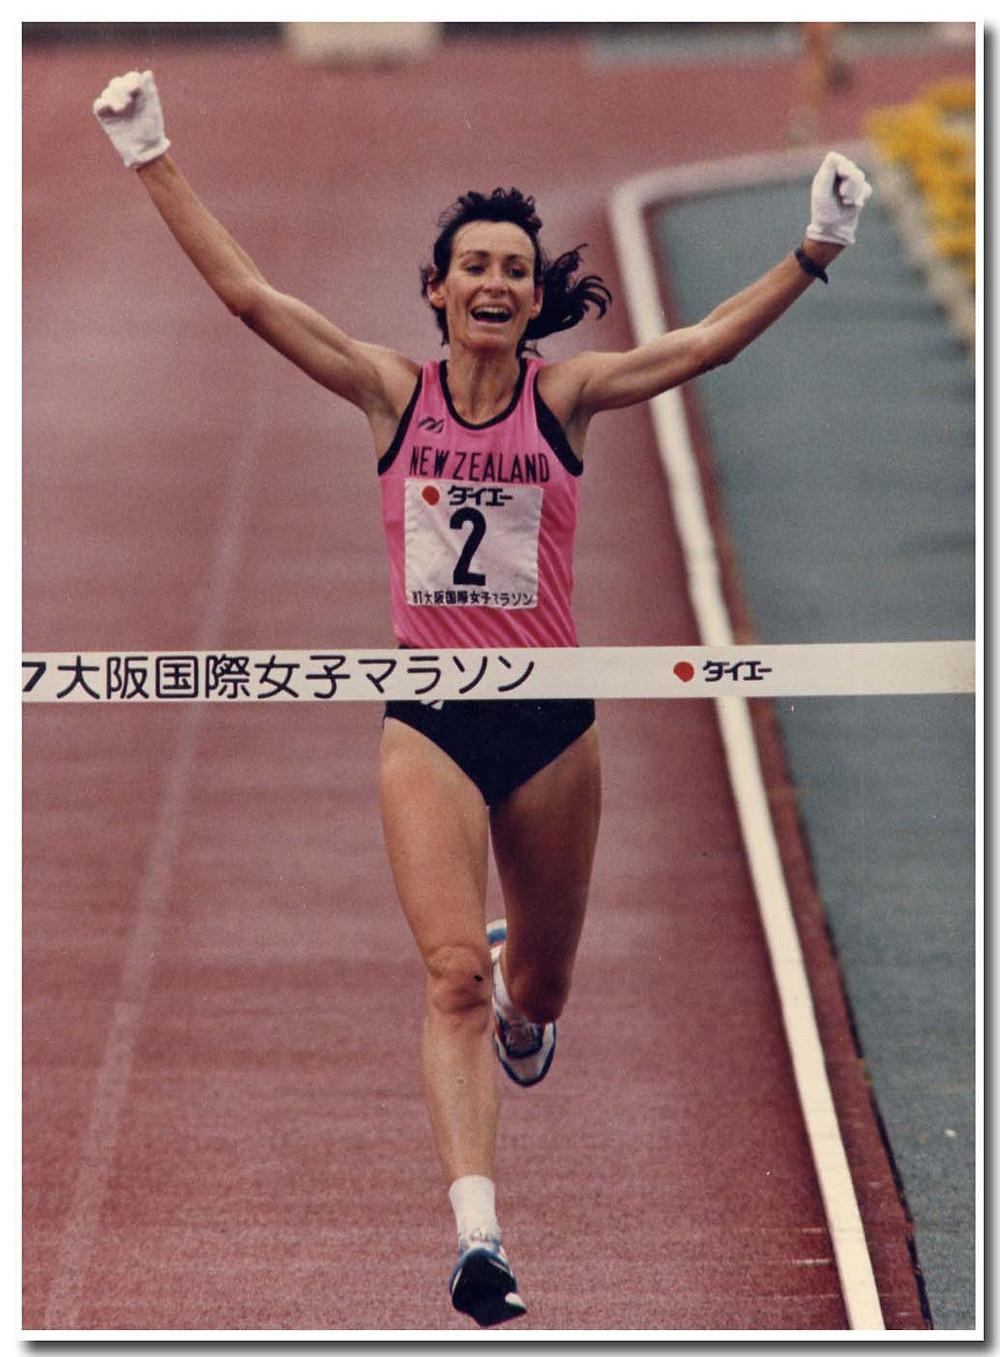 Lorraine winning Osaka Marathon